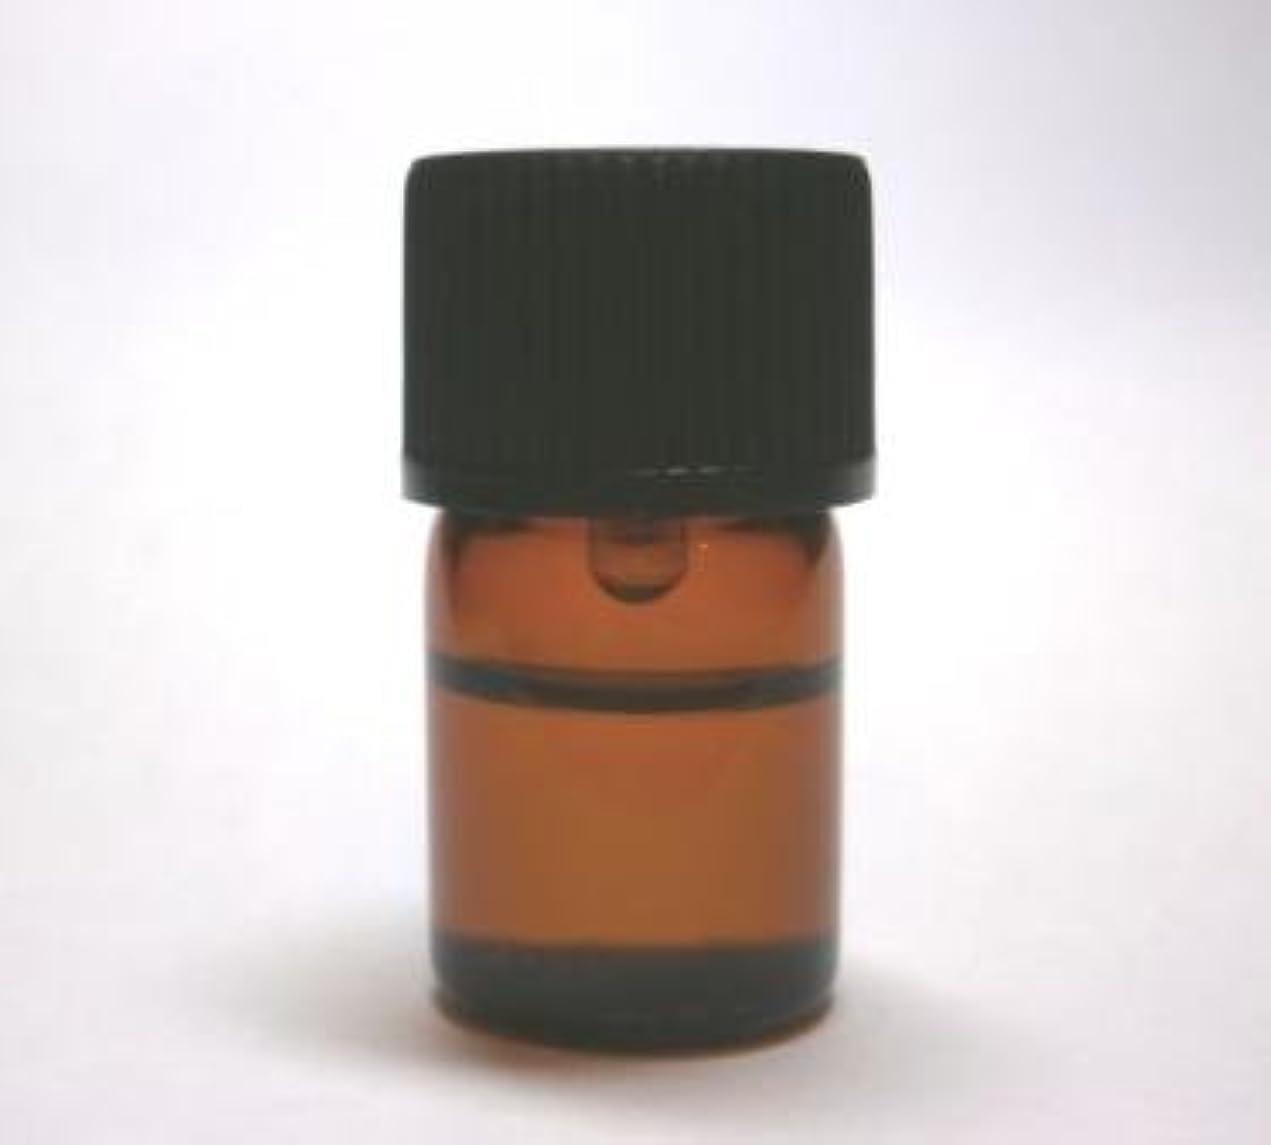 優遇アラブ人シャットカモミール?ローマン3ml/エッセンシャルオイルカモミール:100%/精油カモミール